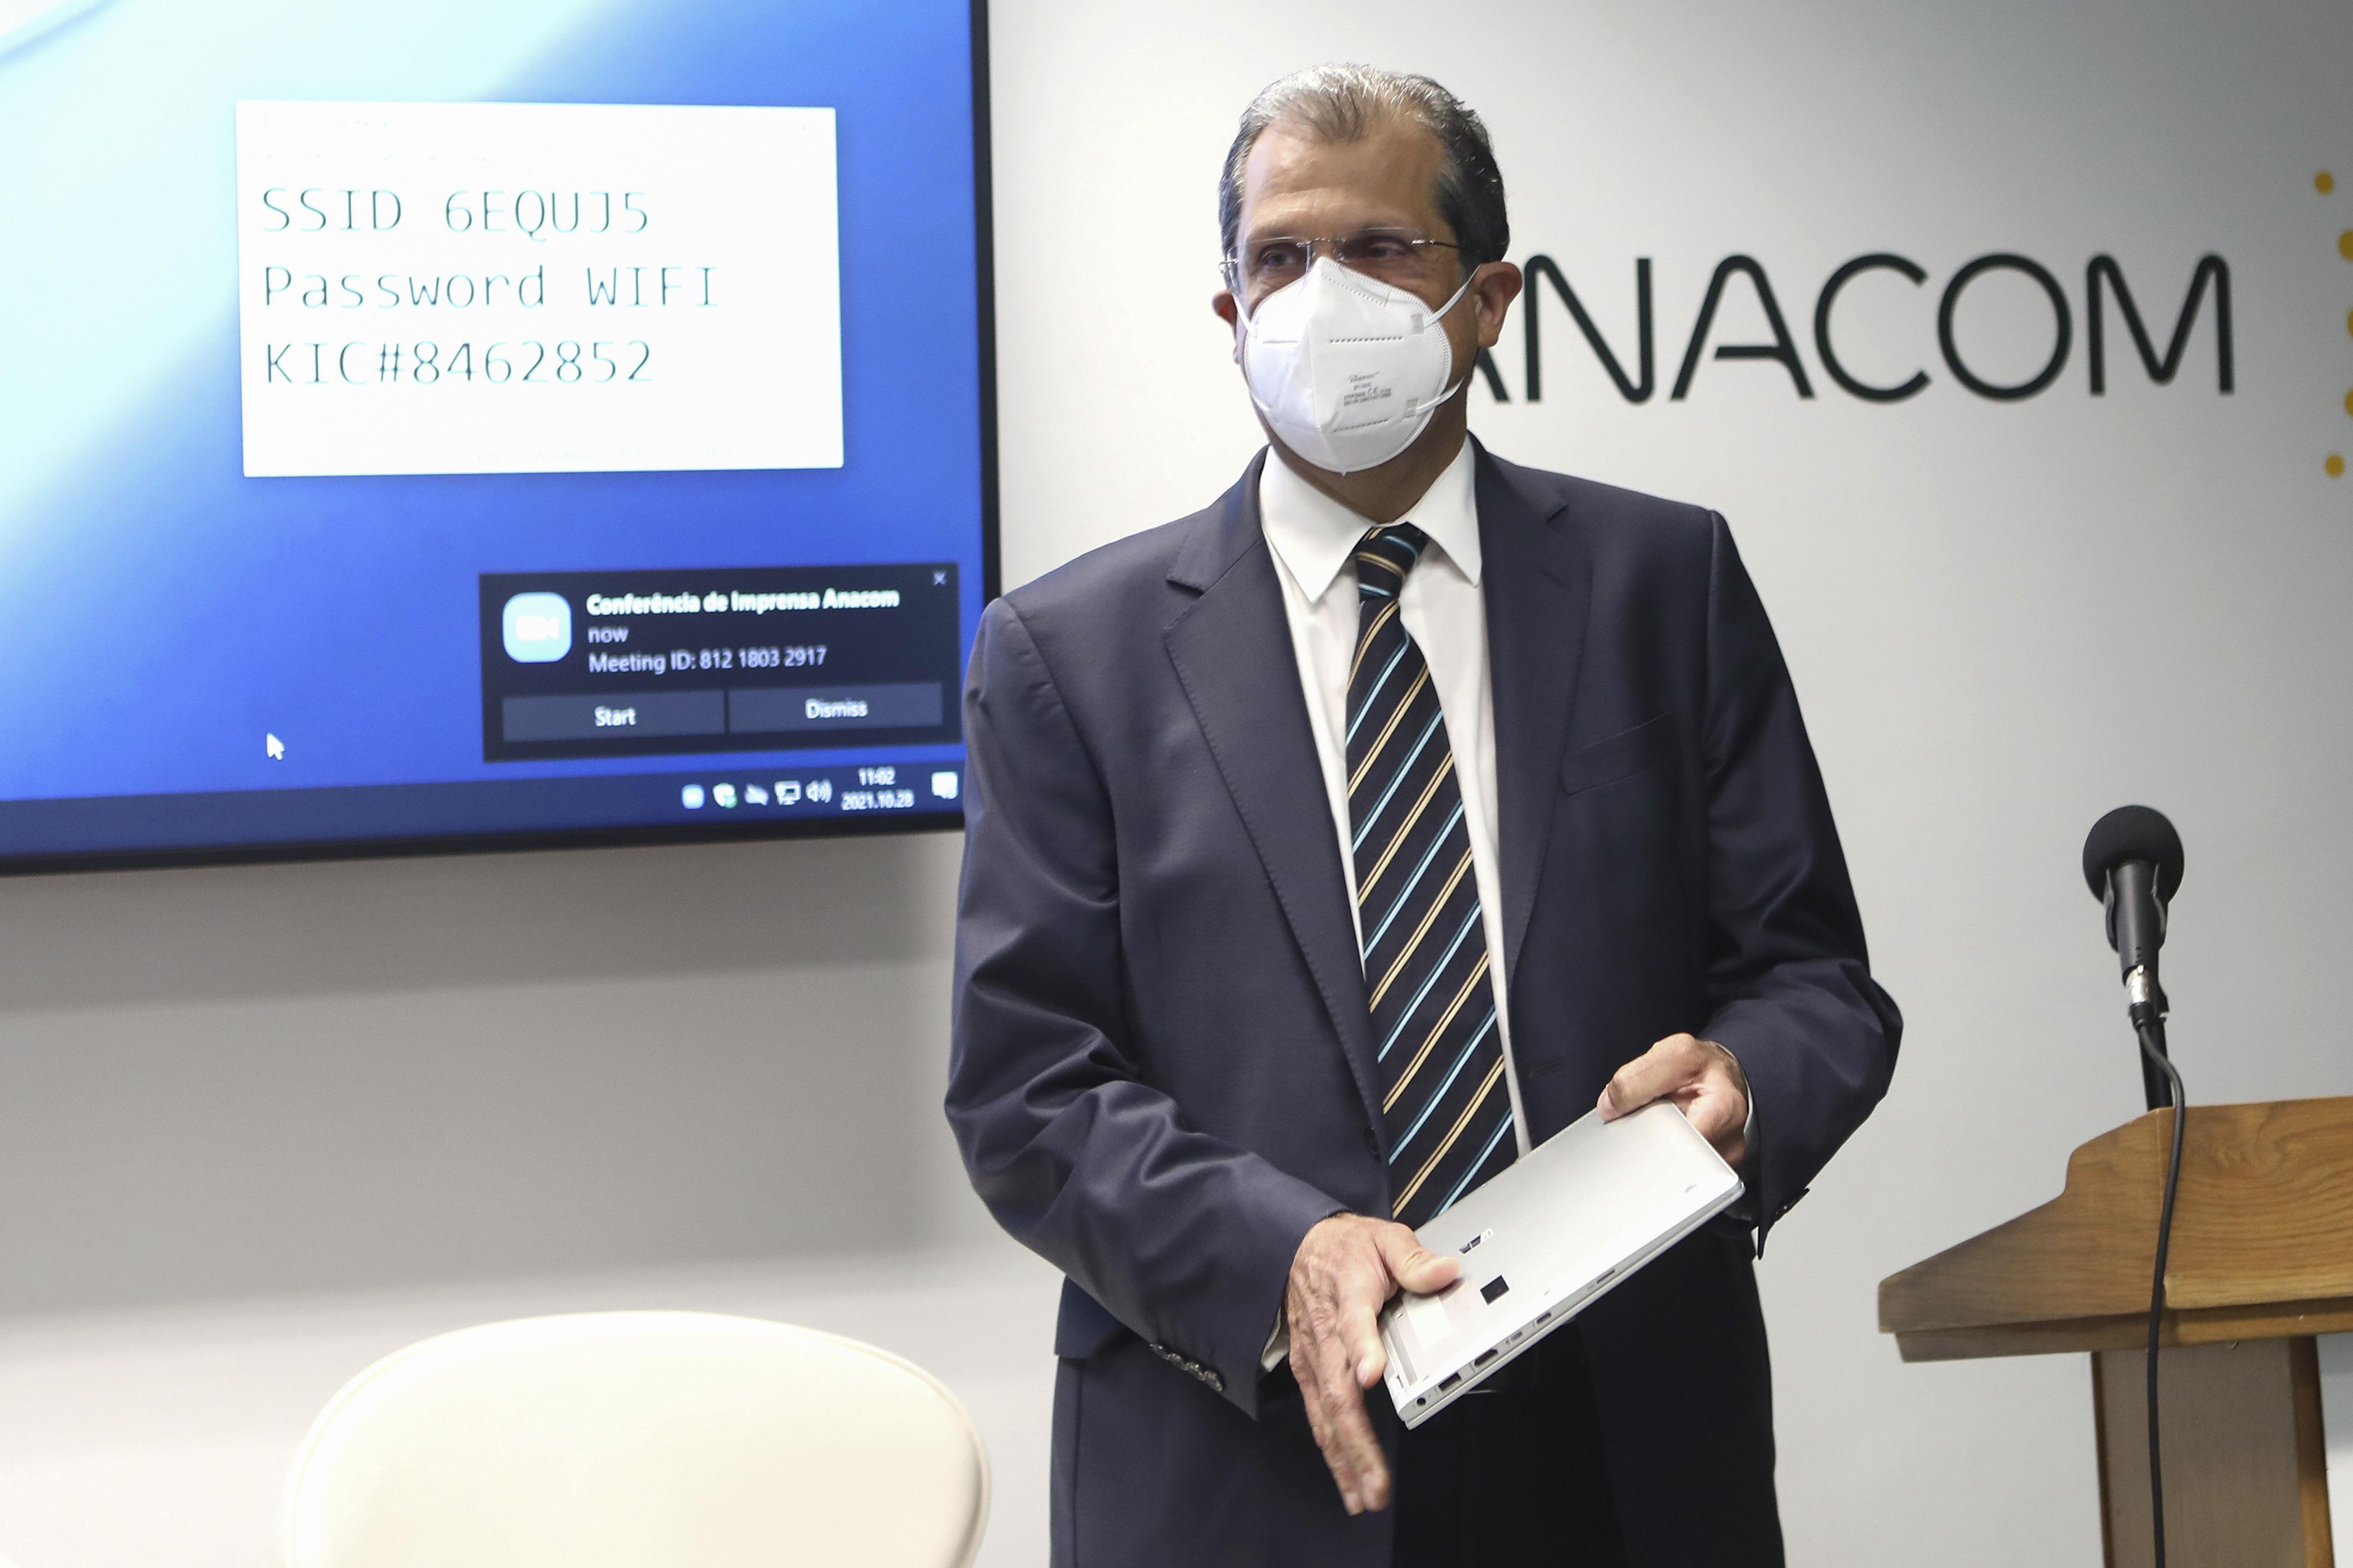 """""""Nunca me senti ofendido"""" com declarações de qualquer membro do Governo - Anacom"""